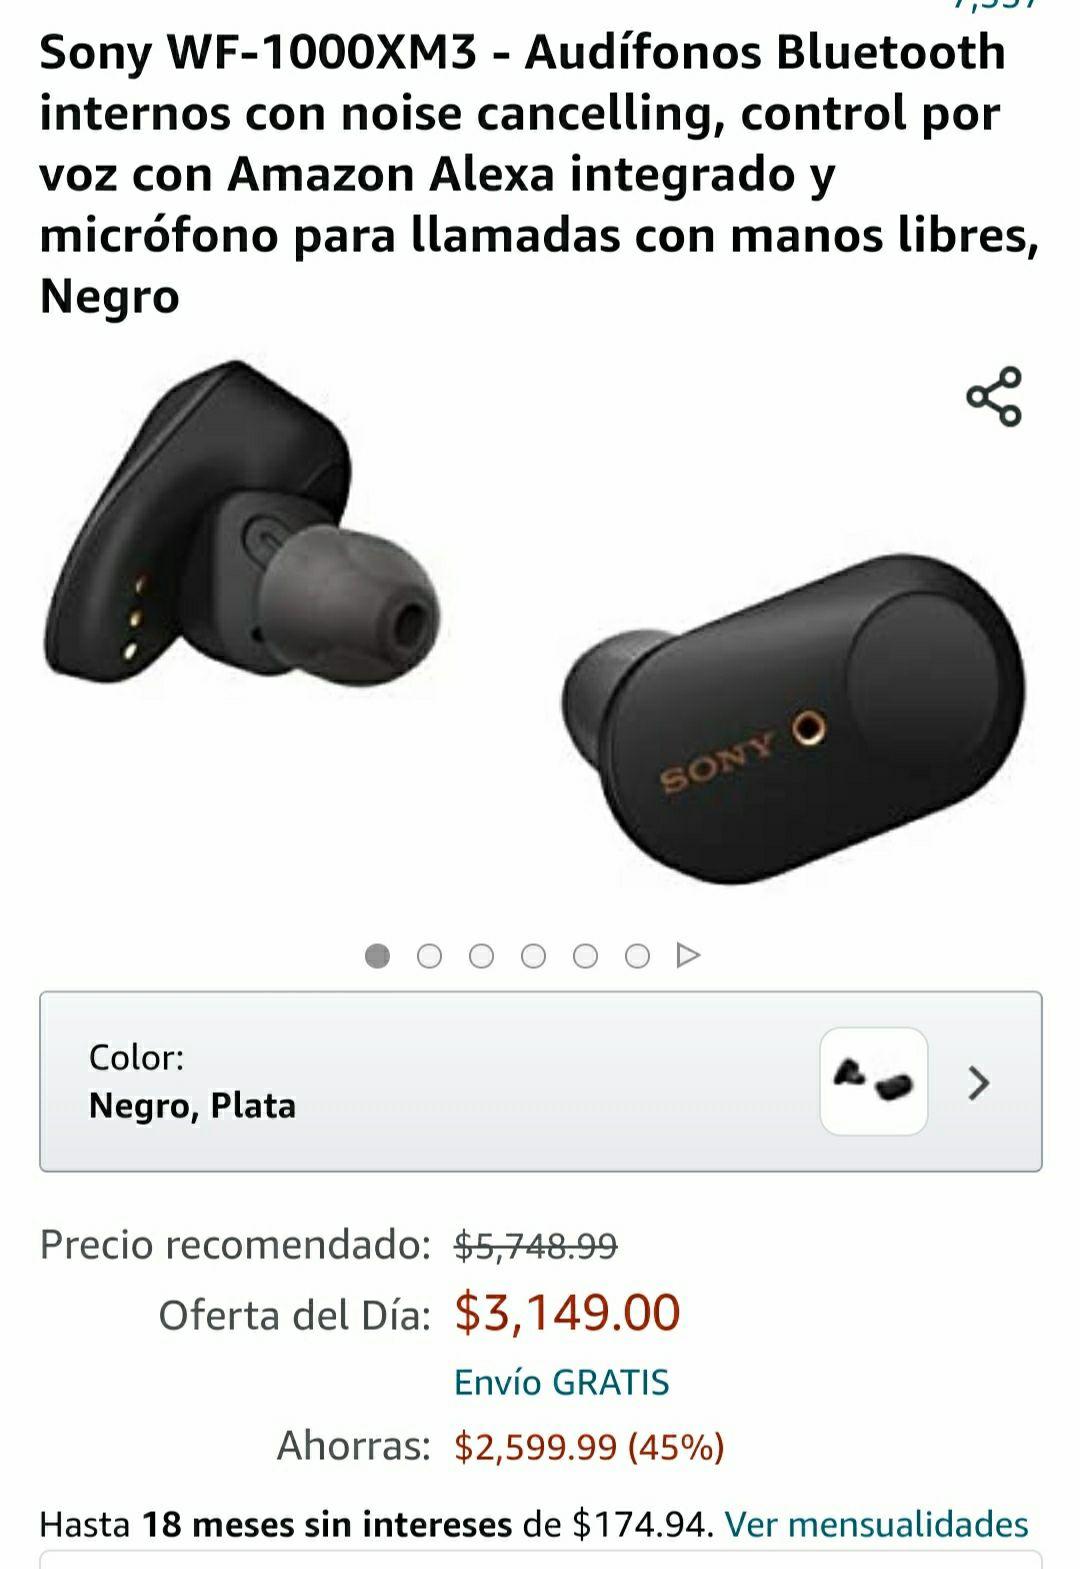 AMAZON: Audifonos Sony WF-1000XM3